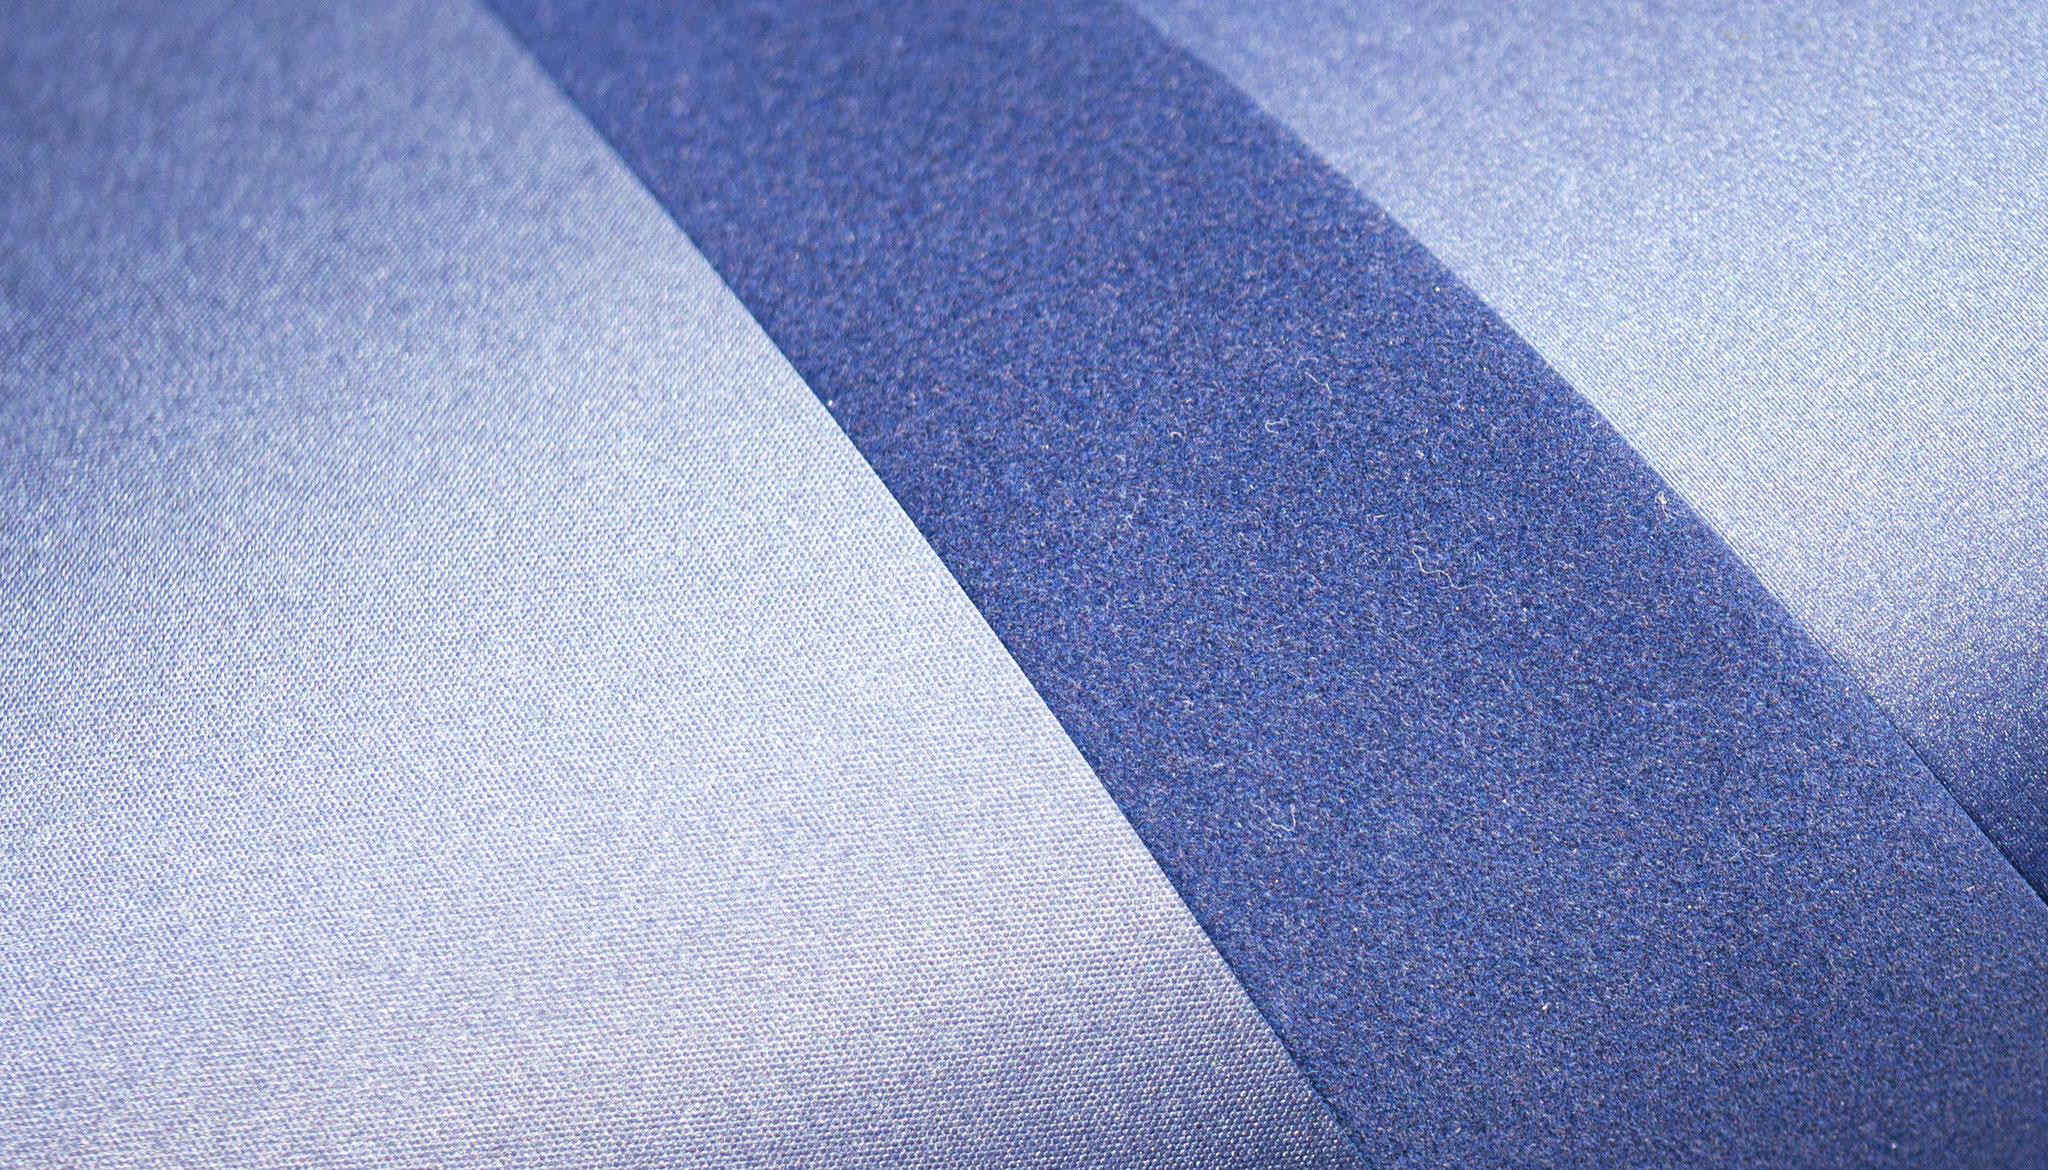 Materialien können durch layering und verkleben miteinander kombiniert werden